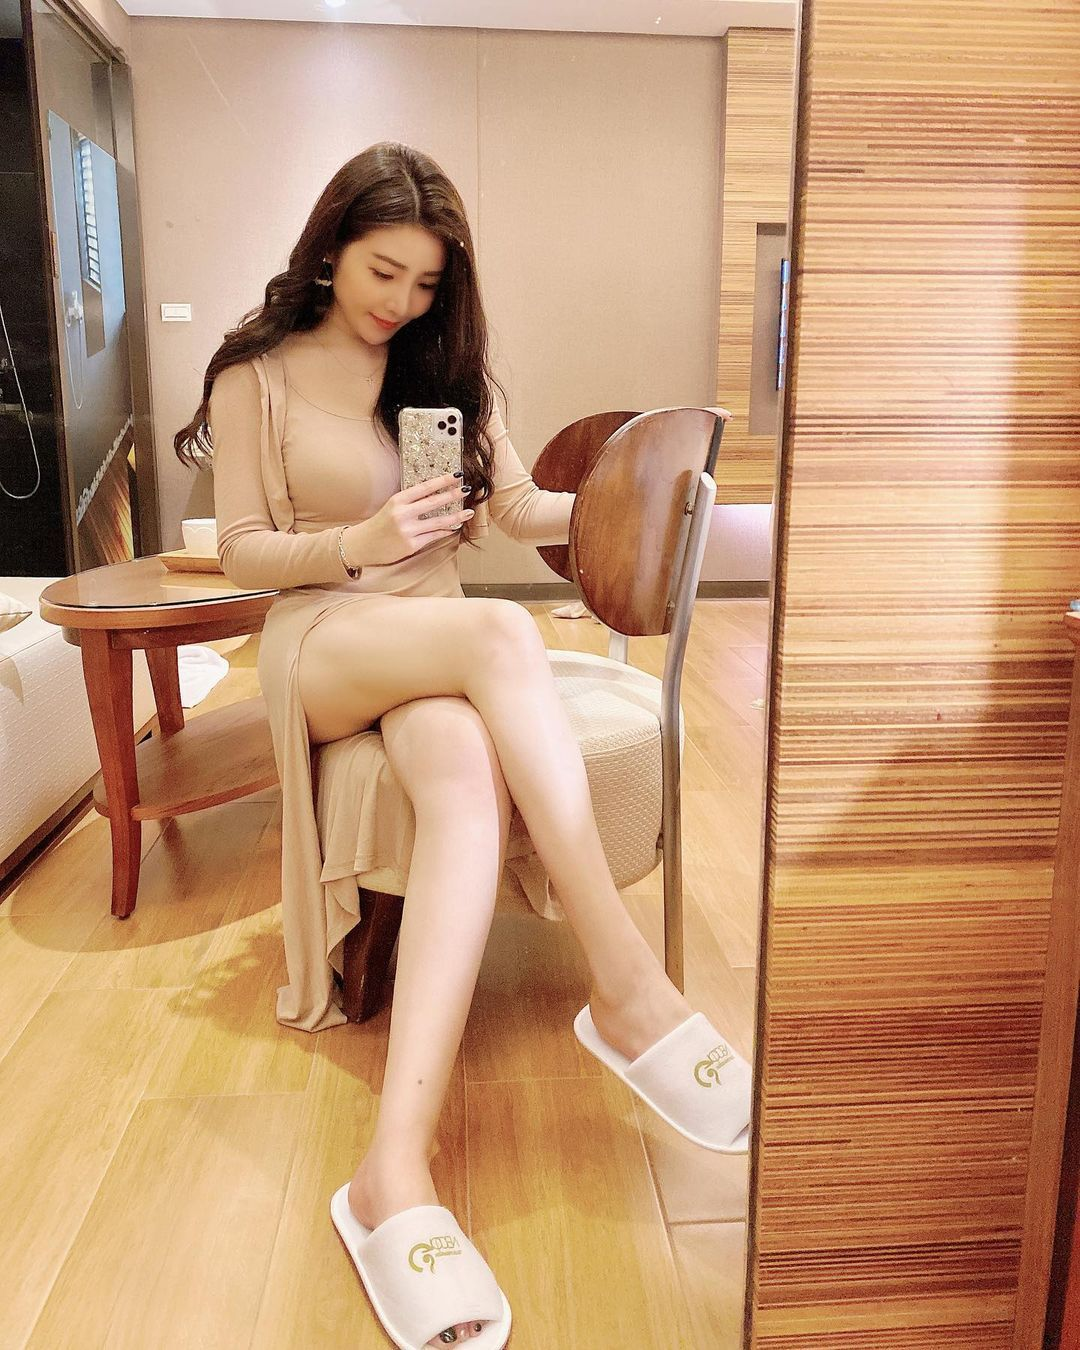 吃货美女许薇安Vivi Hsu丰满上围比拿铁还重 养眼图片 第2张